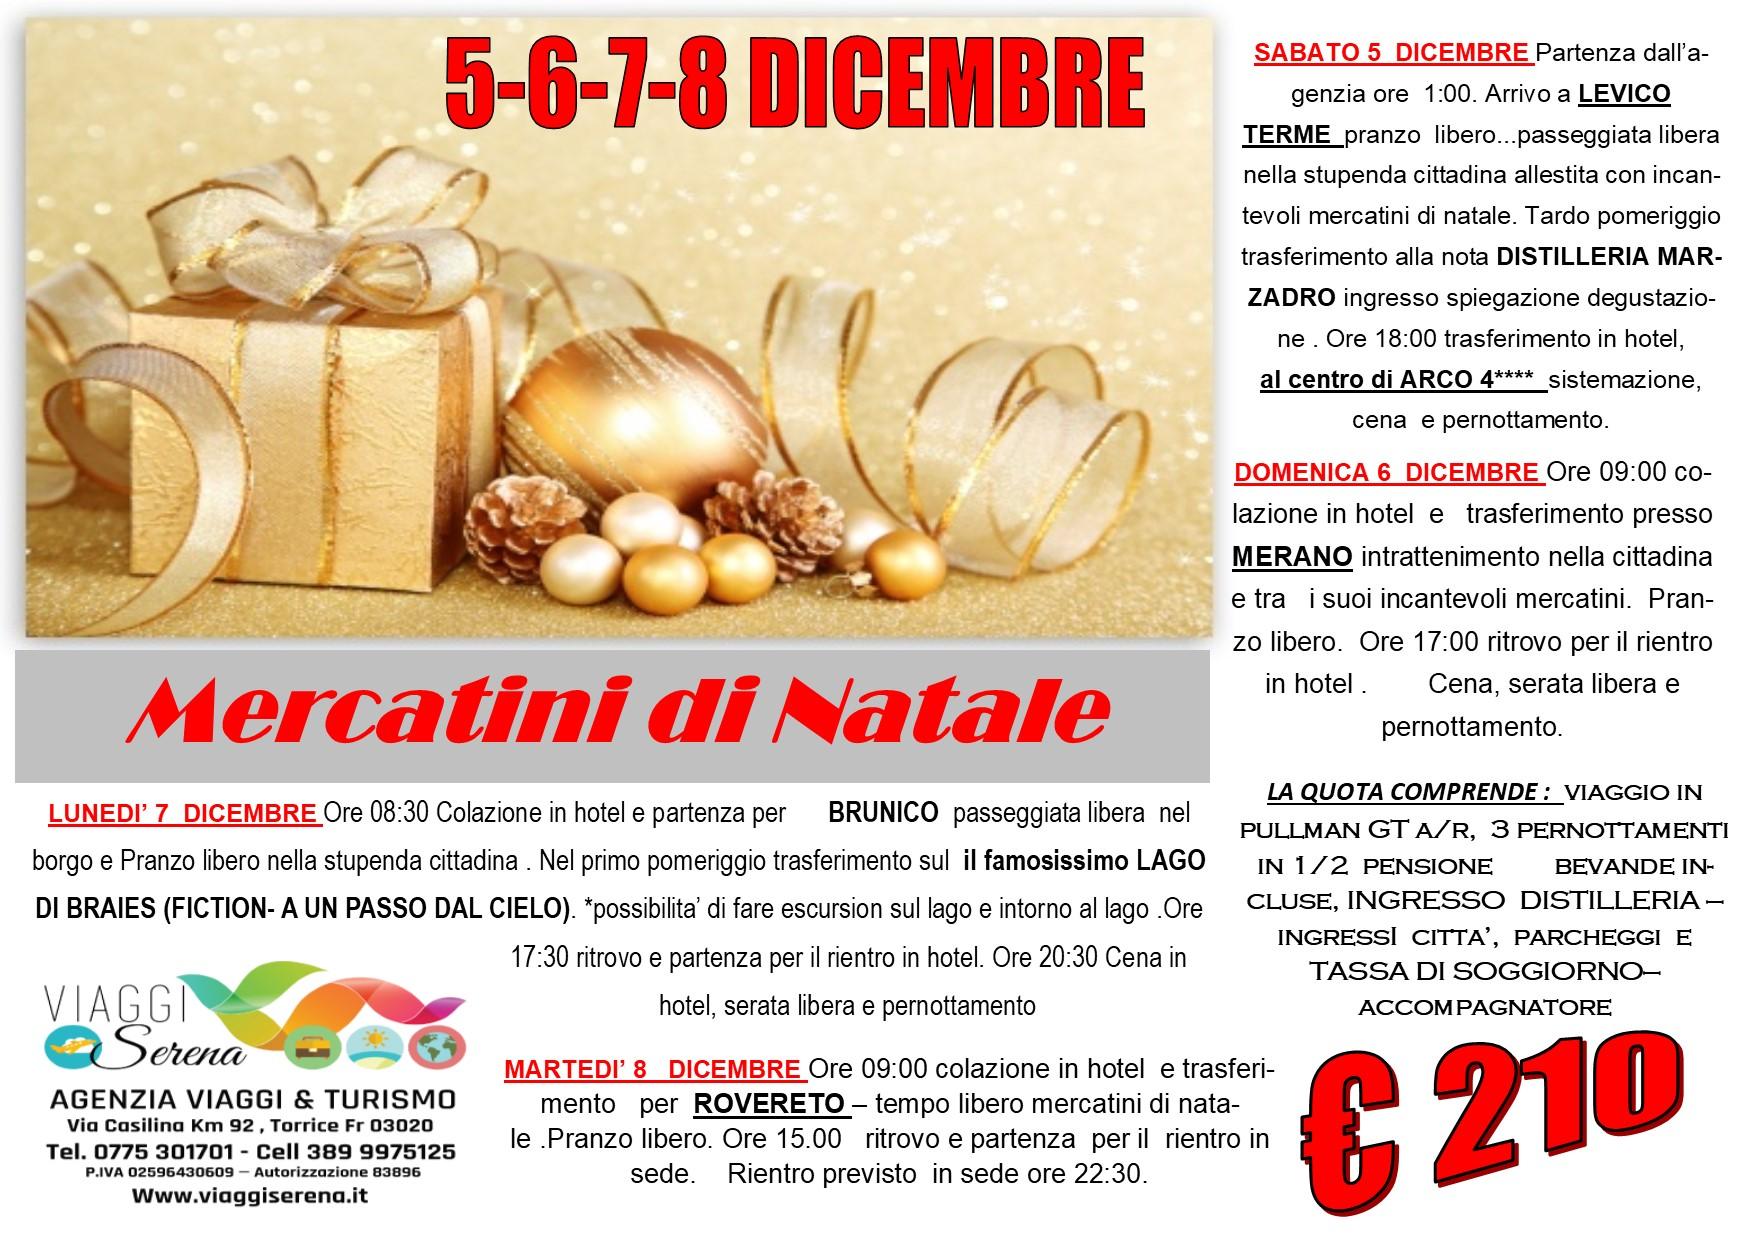 Viaggi di Natale:  Merano, Levico Terme , Rovereto , Brunico & Lago di Braies 5-6-7-8 Dicembre  € 210,00